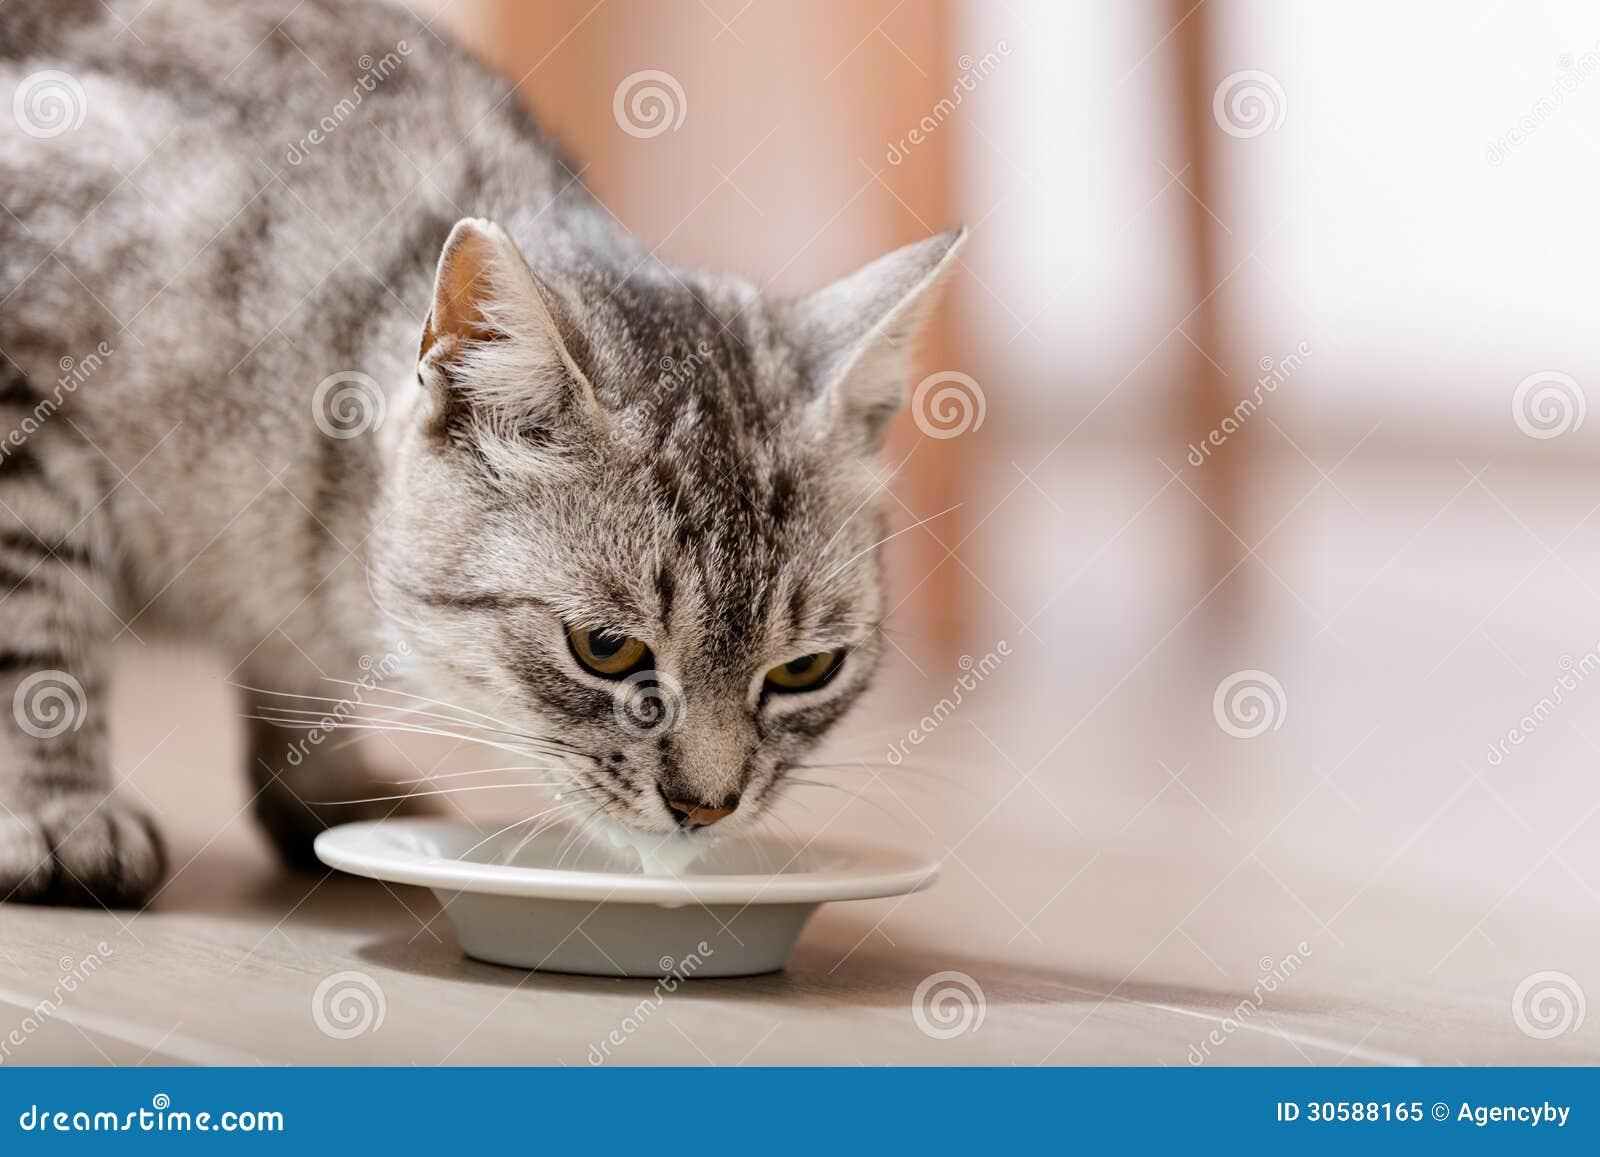 Kitty drinking milk